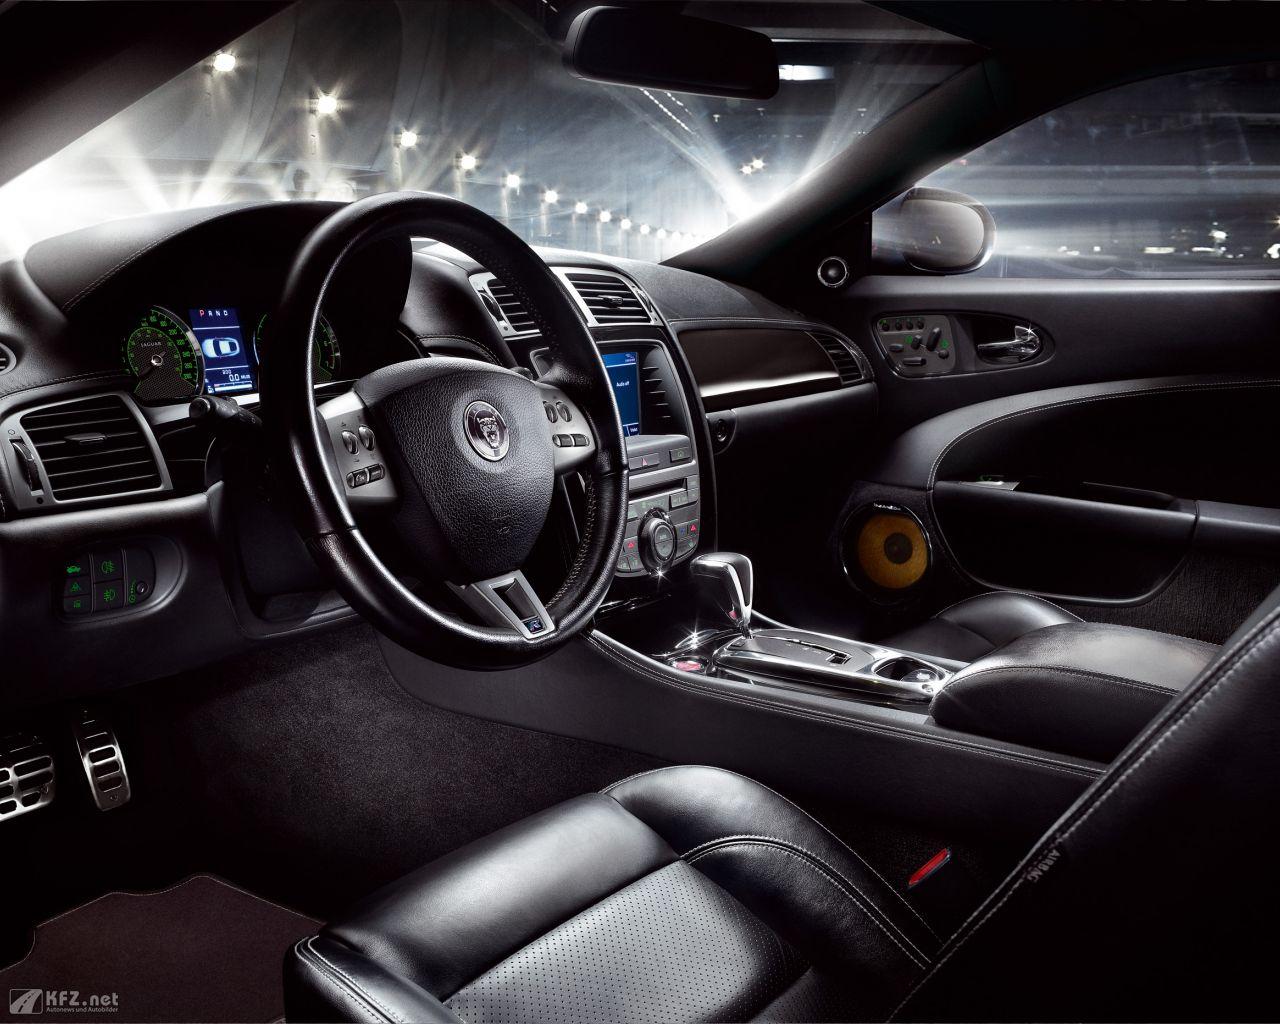 jaguar-xk8-1280x1024-6